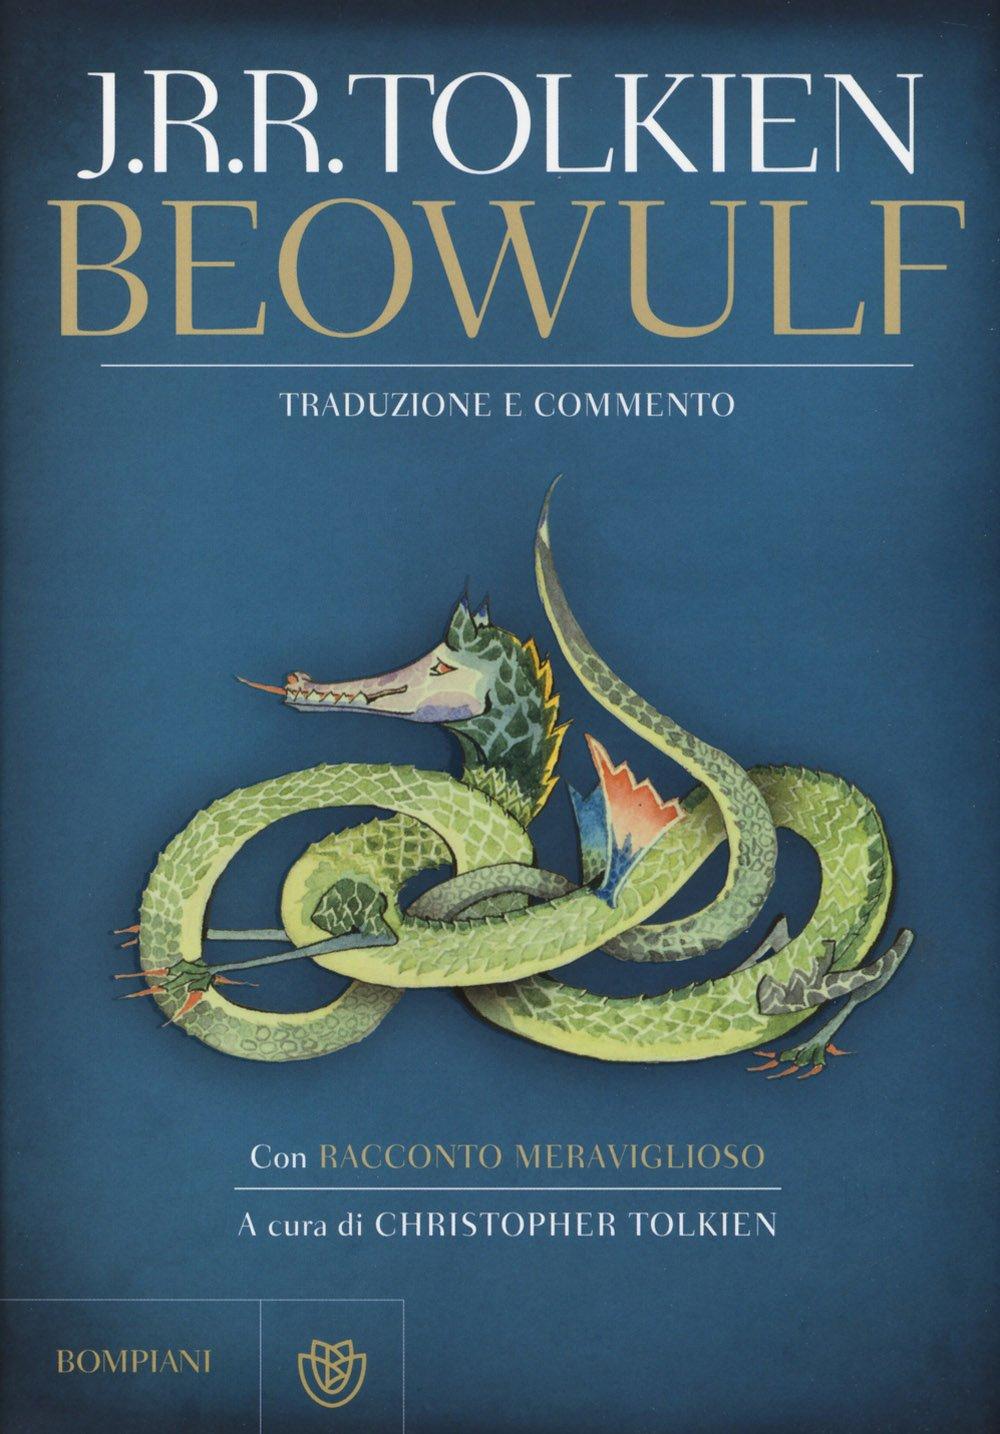 Beowulf. Con «Racconto meraviglioso». Ediz. illustrata Copertina rigida – 19 nov 2014 John R. R. Tolkien C. Tolkien L. Manini Bompiani